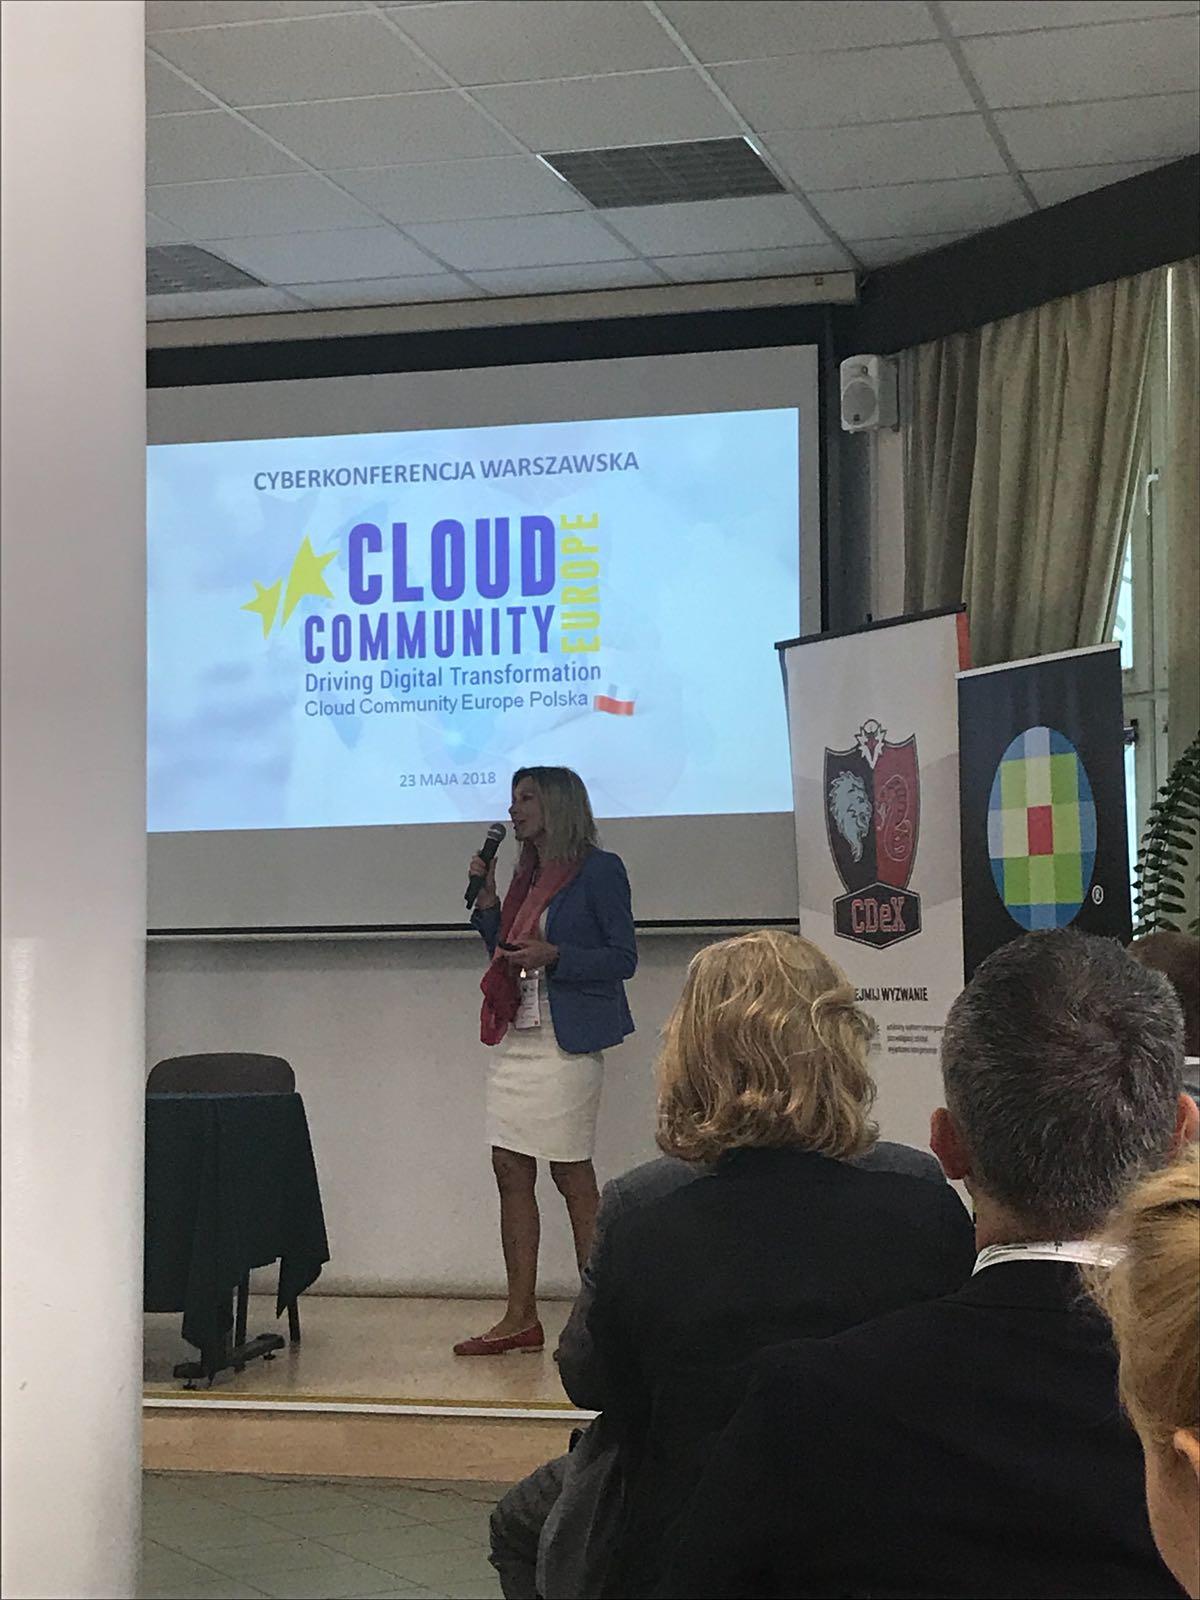 Cloud Community Europe Polska na III edycji Cyberkonferencji Warszawskiej